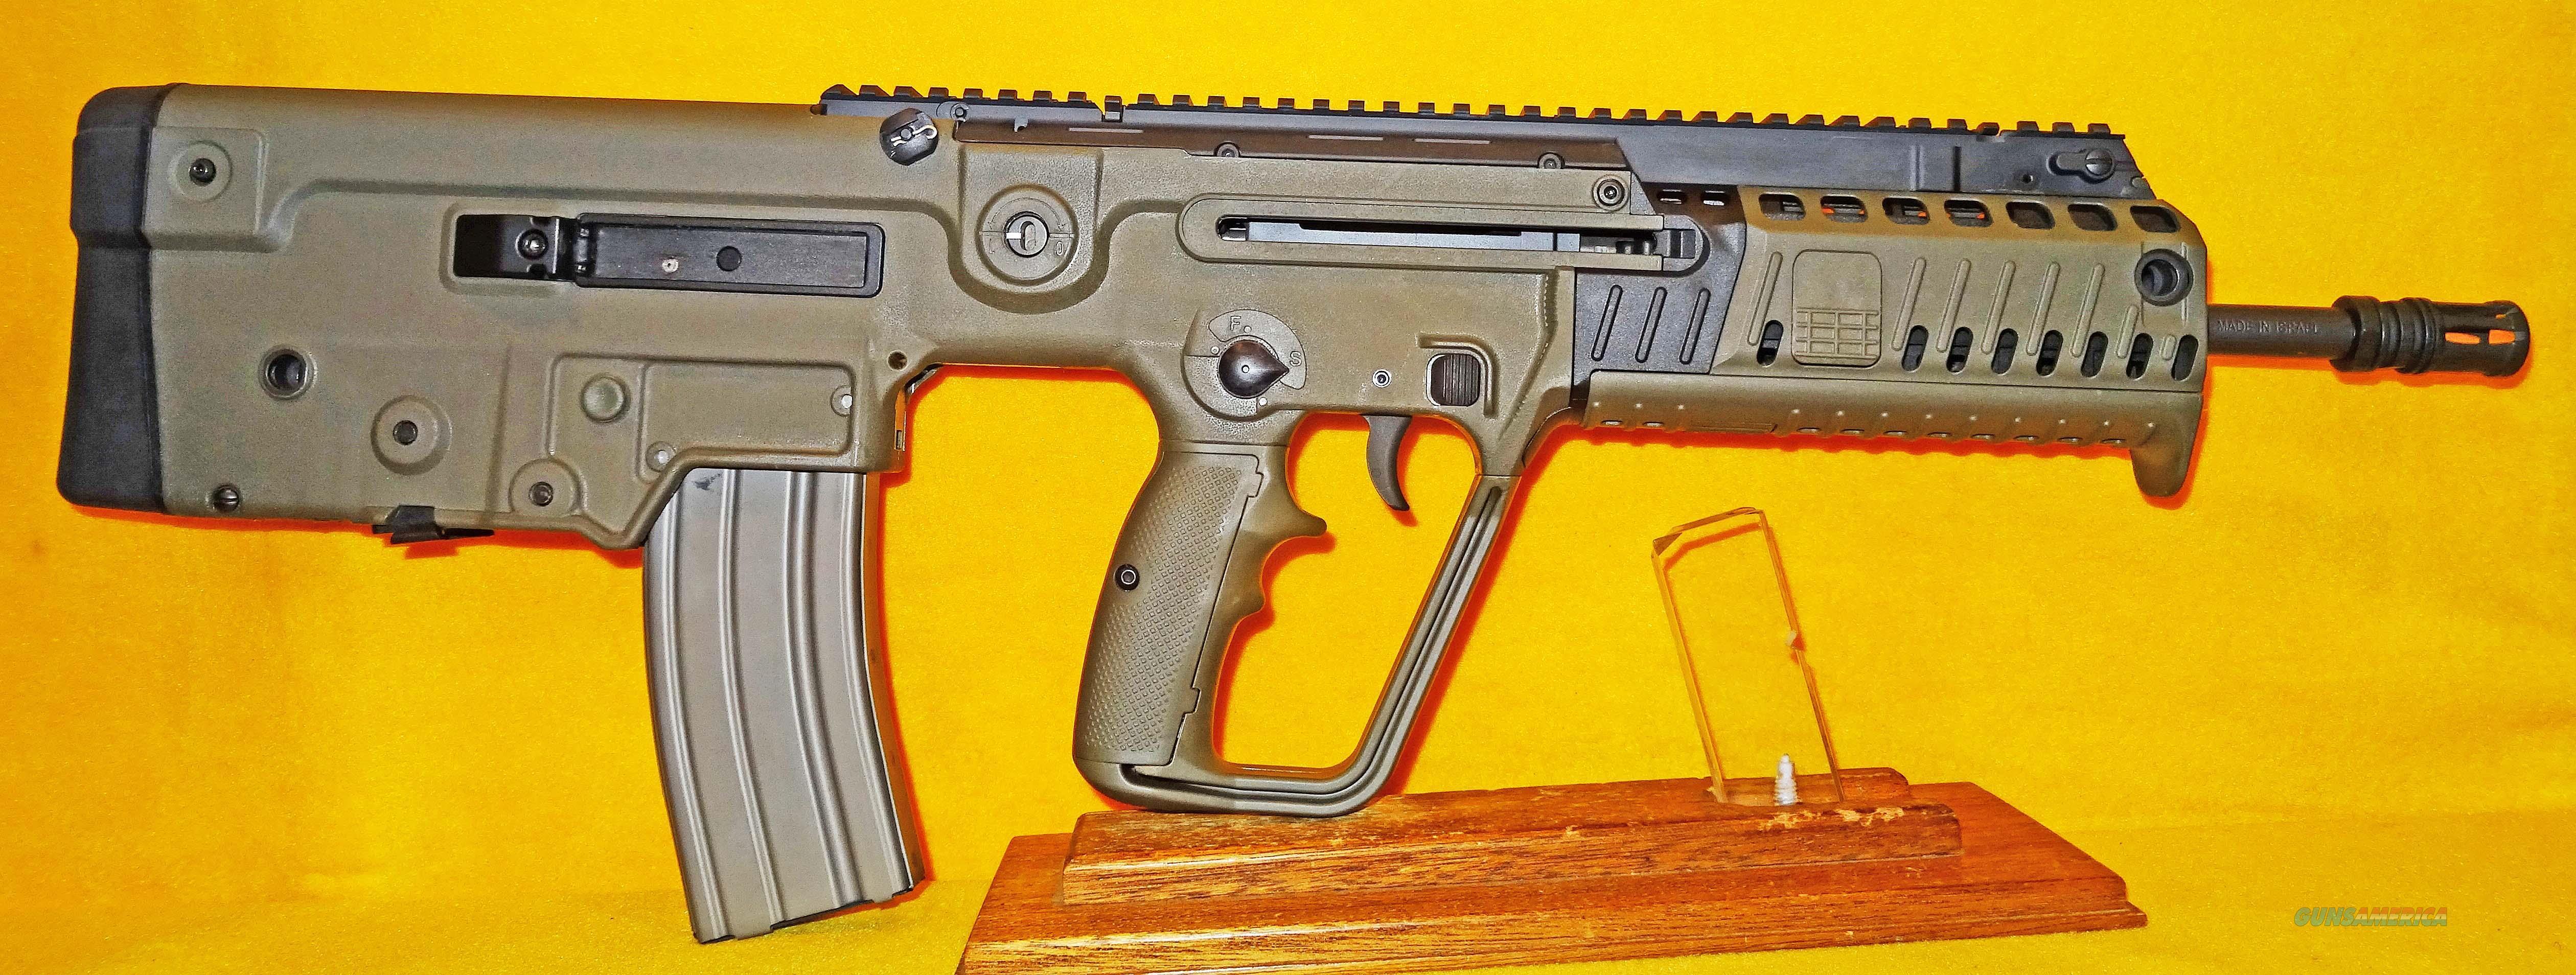 IWI TAVOR X95  Guns > Rifles > IWI Rifles